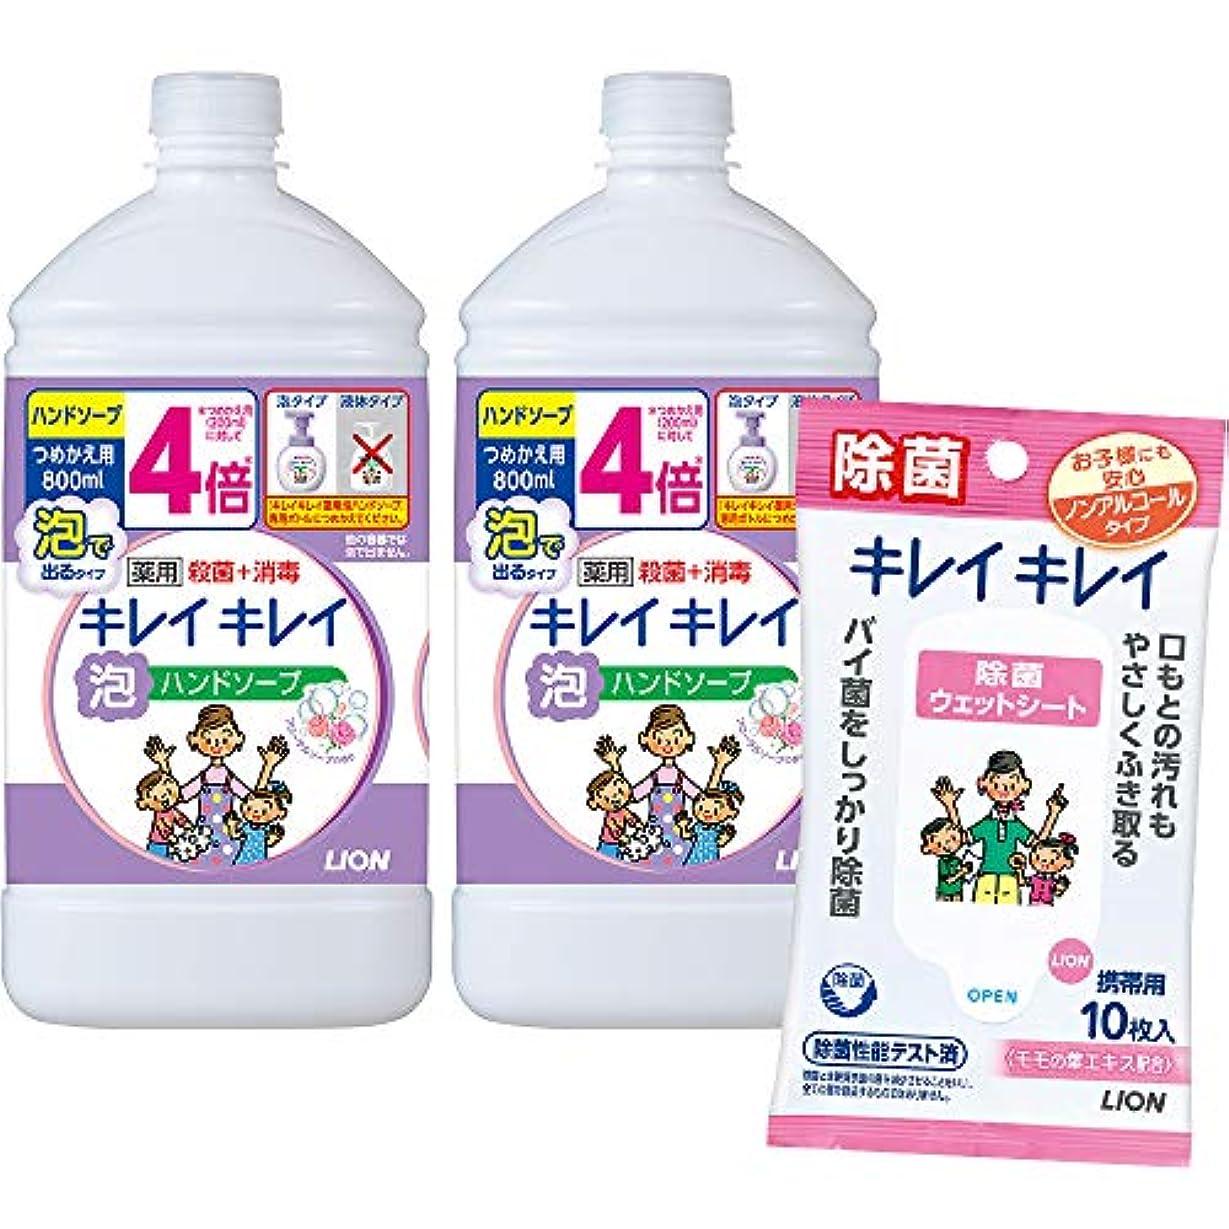 (医薬部外品)【Amazon.co.jp限定】キレイキレイ 薬用 泡ハンドソープ フローラルソープの香り 詰替特大 800ml×2個 除菌シート付